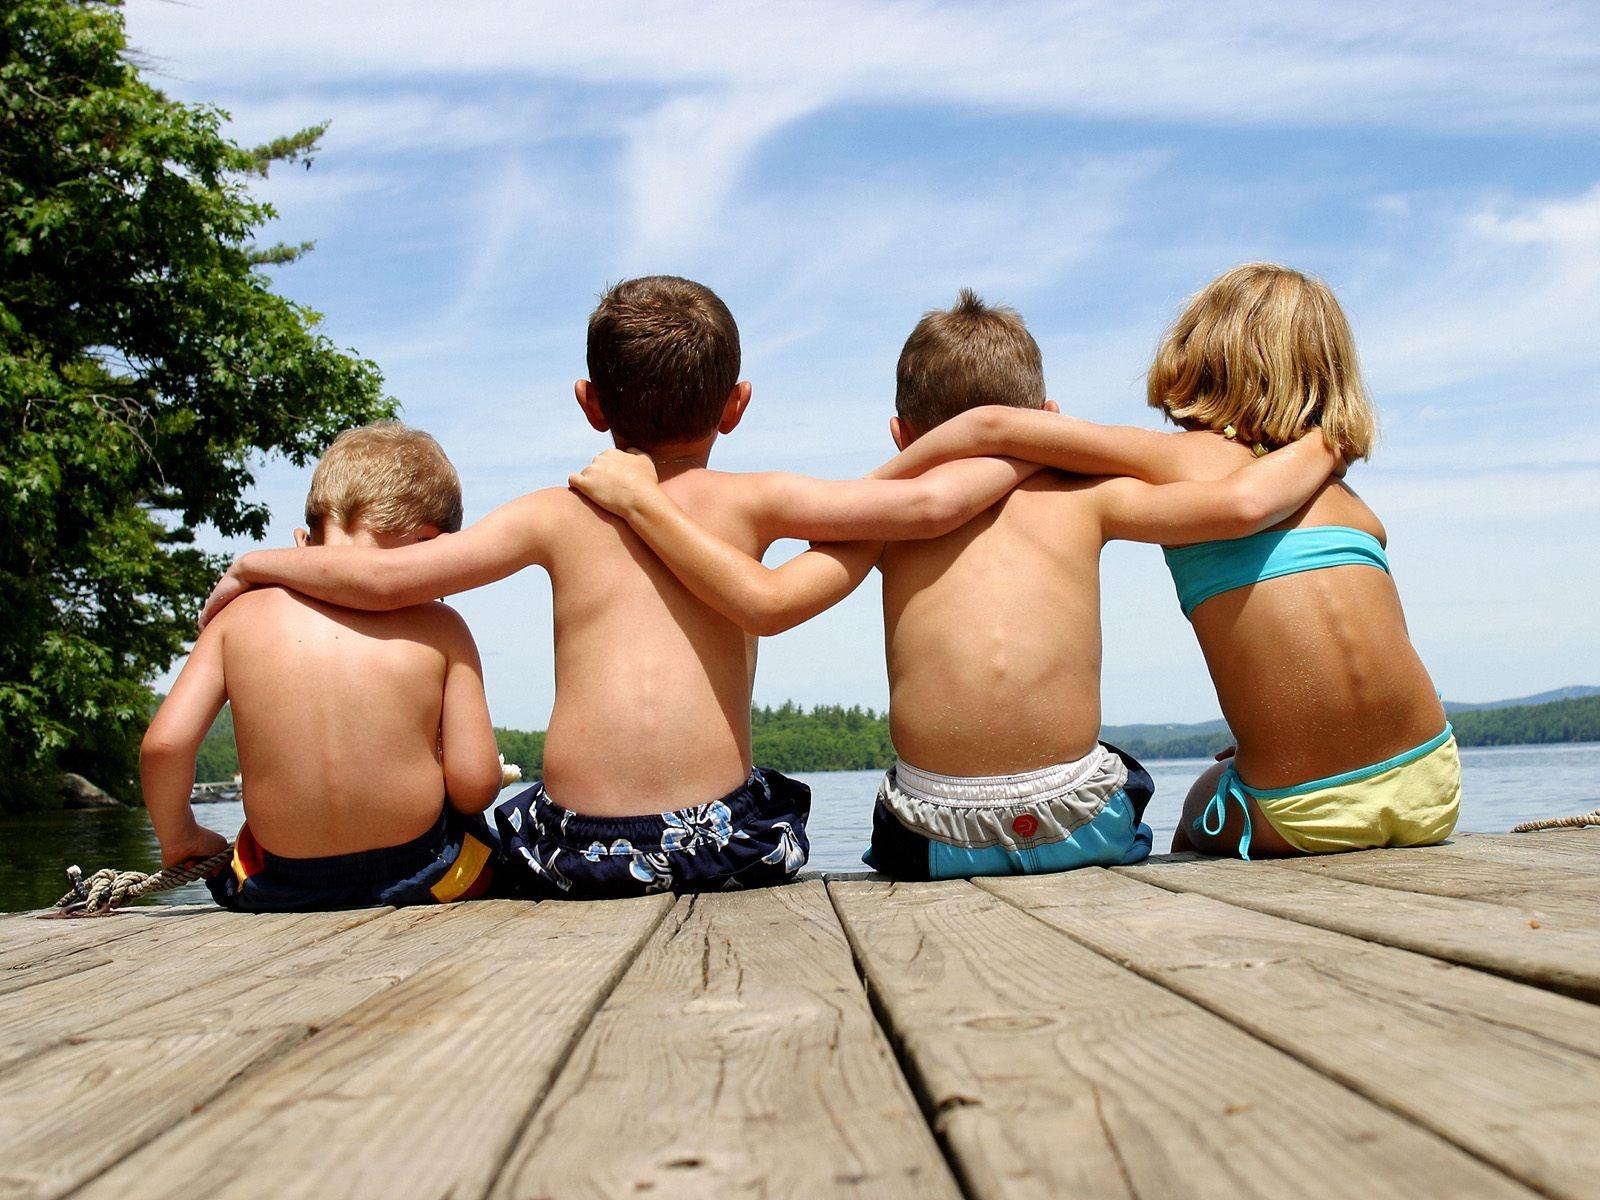 http://2.bp.blogspot.com/-Ejj7uMW2vB8/UAKrN48Du8I/AAAAAAAAERI/59Ky4FdTSKY/s1600/Best_Friends.jpg